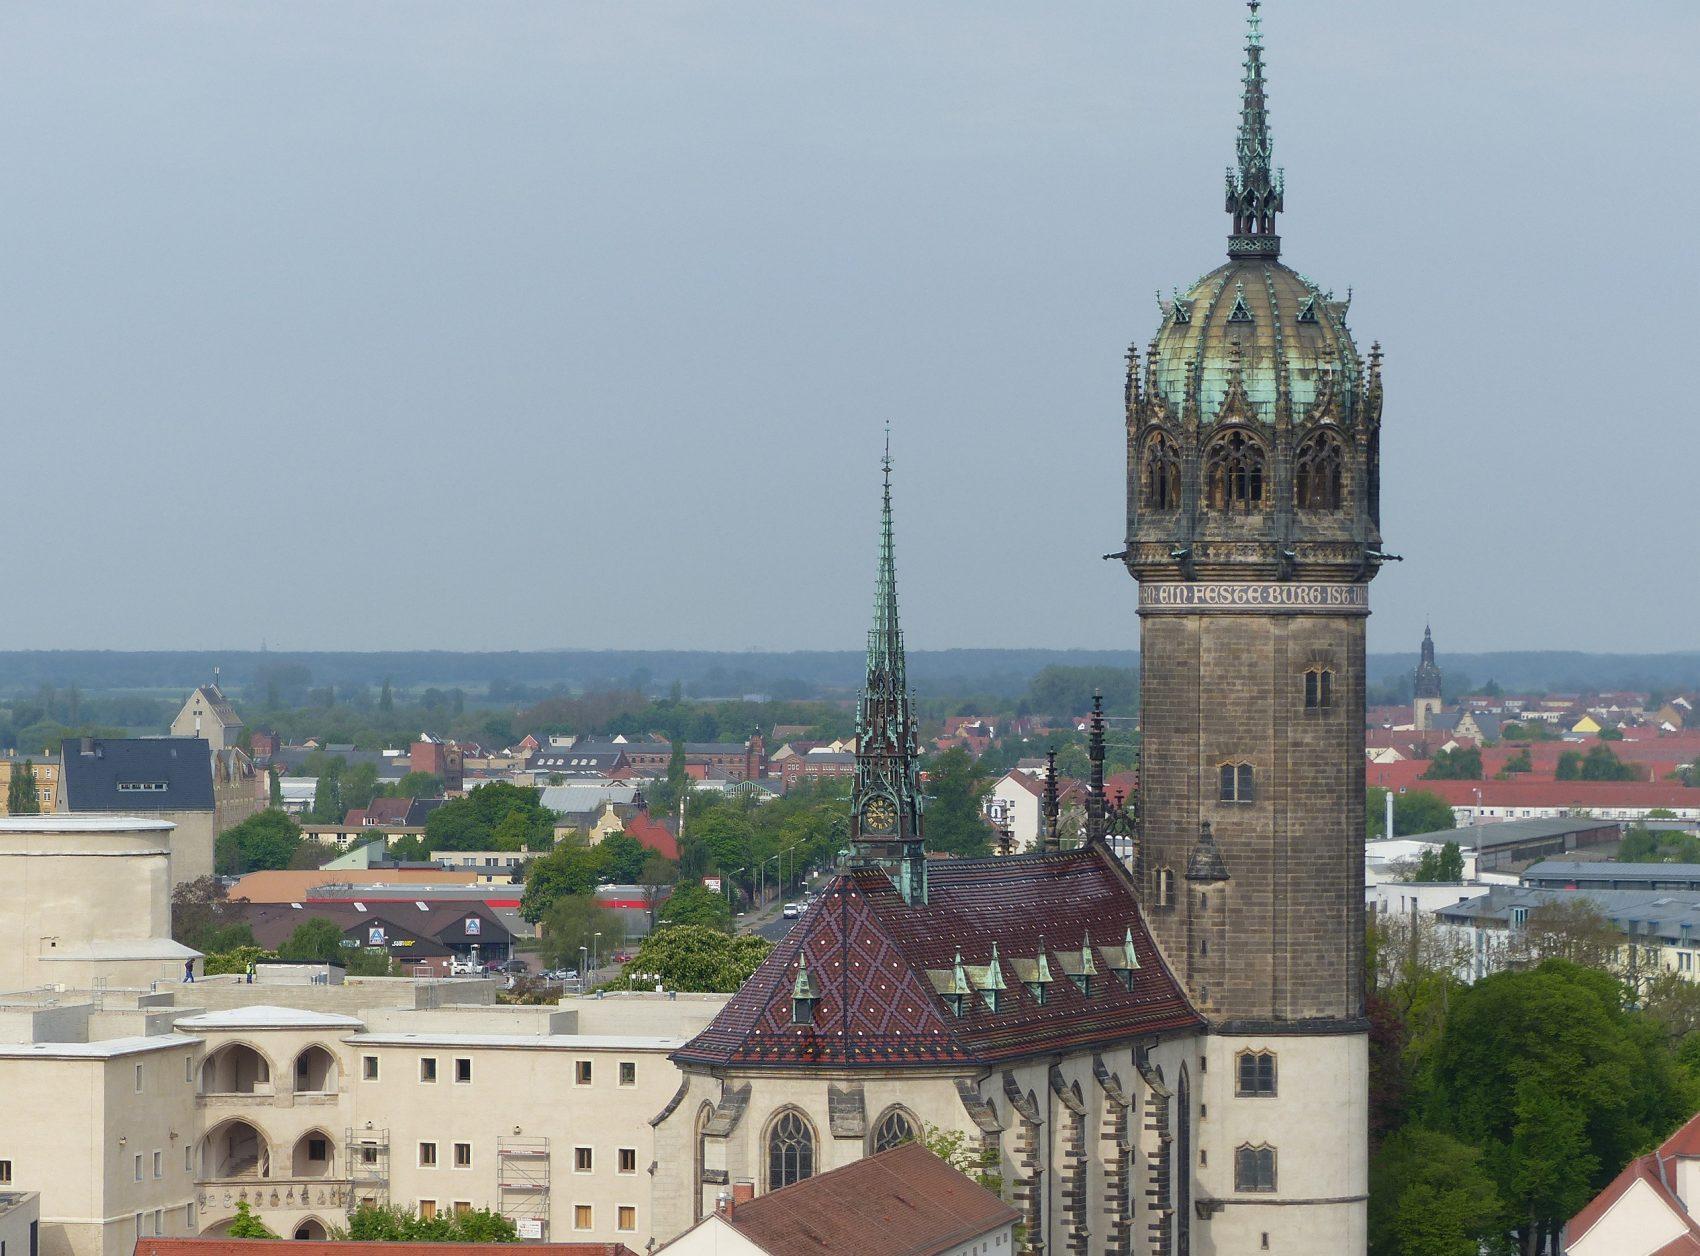 Nlick auf die Schlosskirche Wittenberg